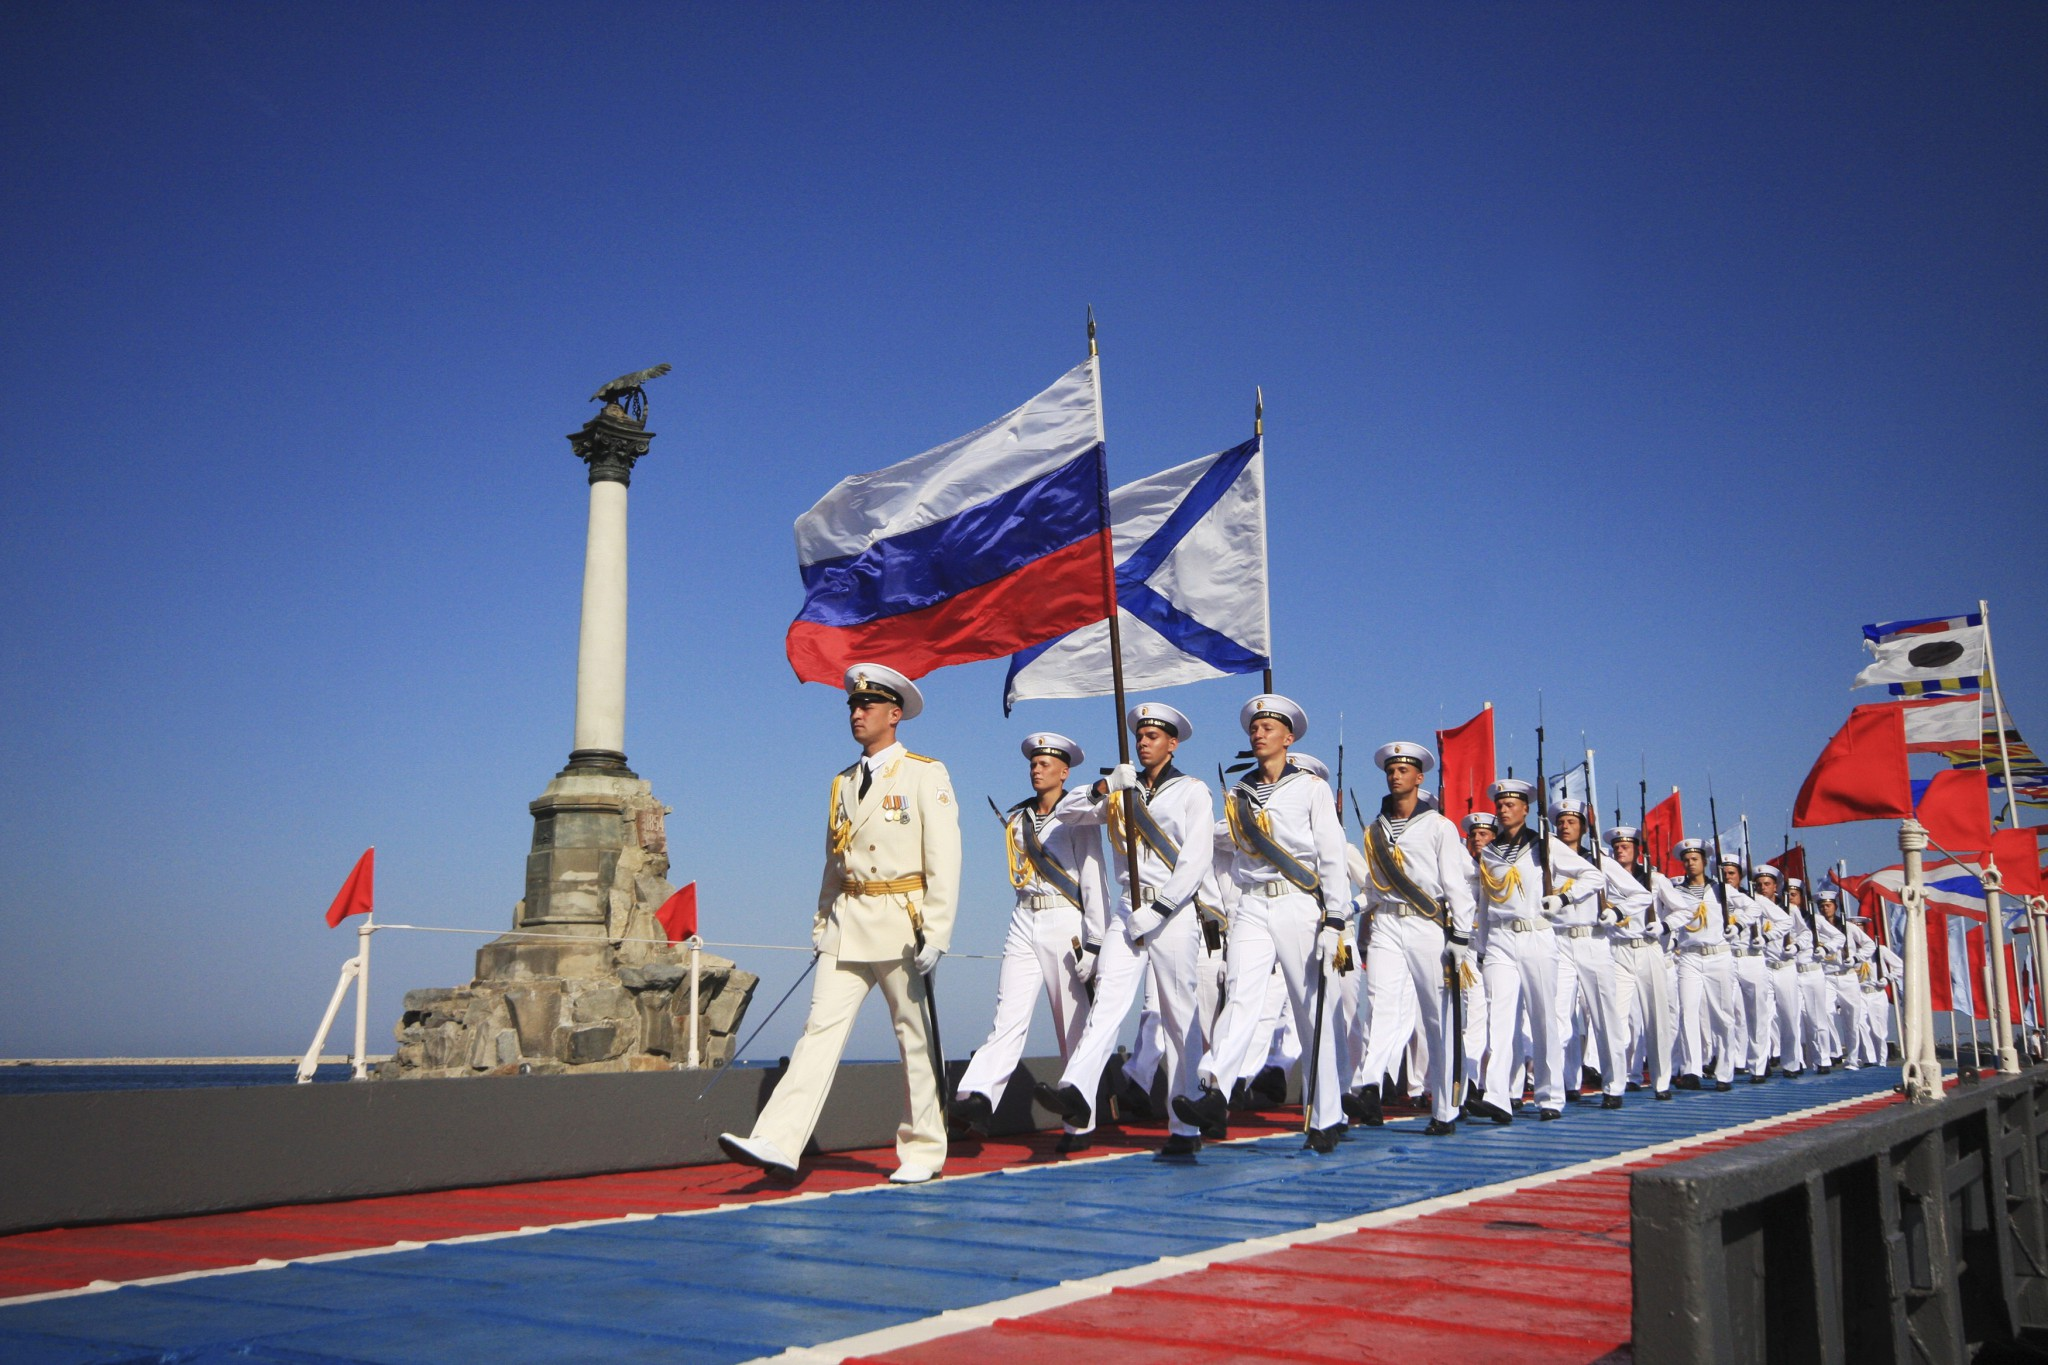 Андреевский флаг - главное знамя ВМФ России